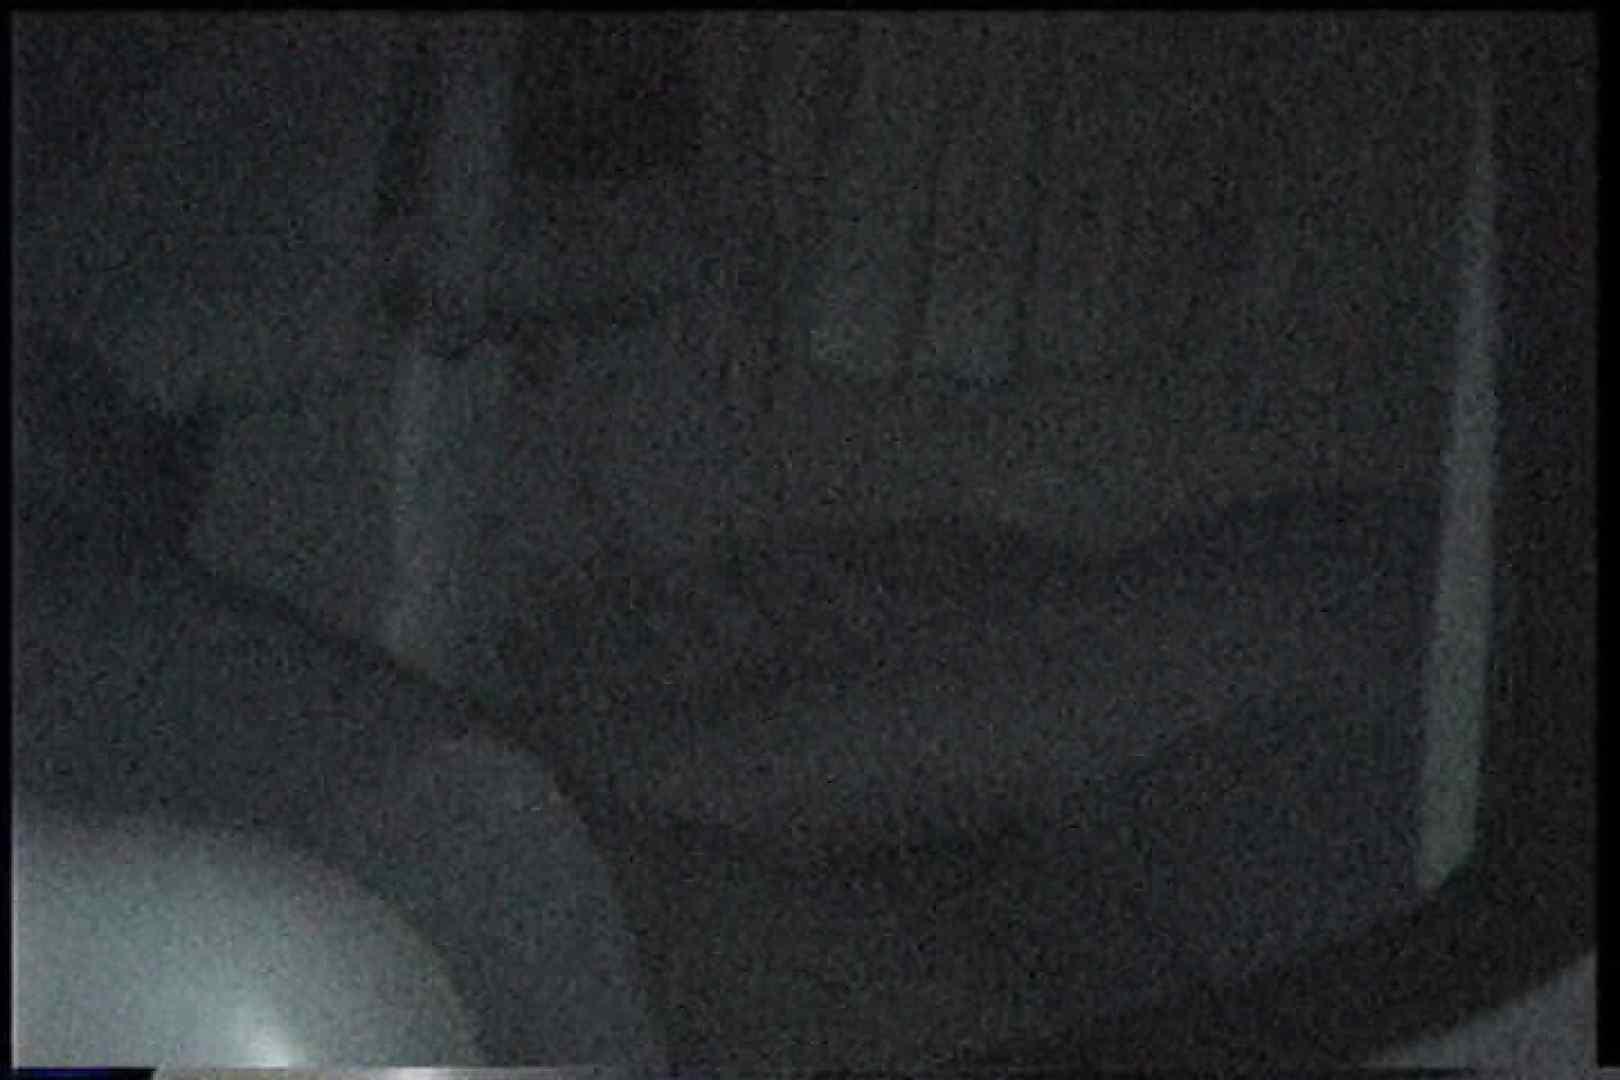 充血監督の深夜の運動会Vol.177 前編 性欲 のぞき動画画像 74pic 59